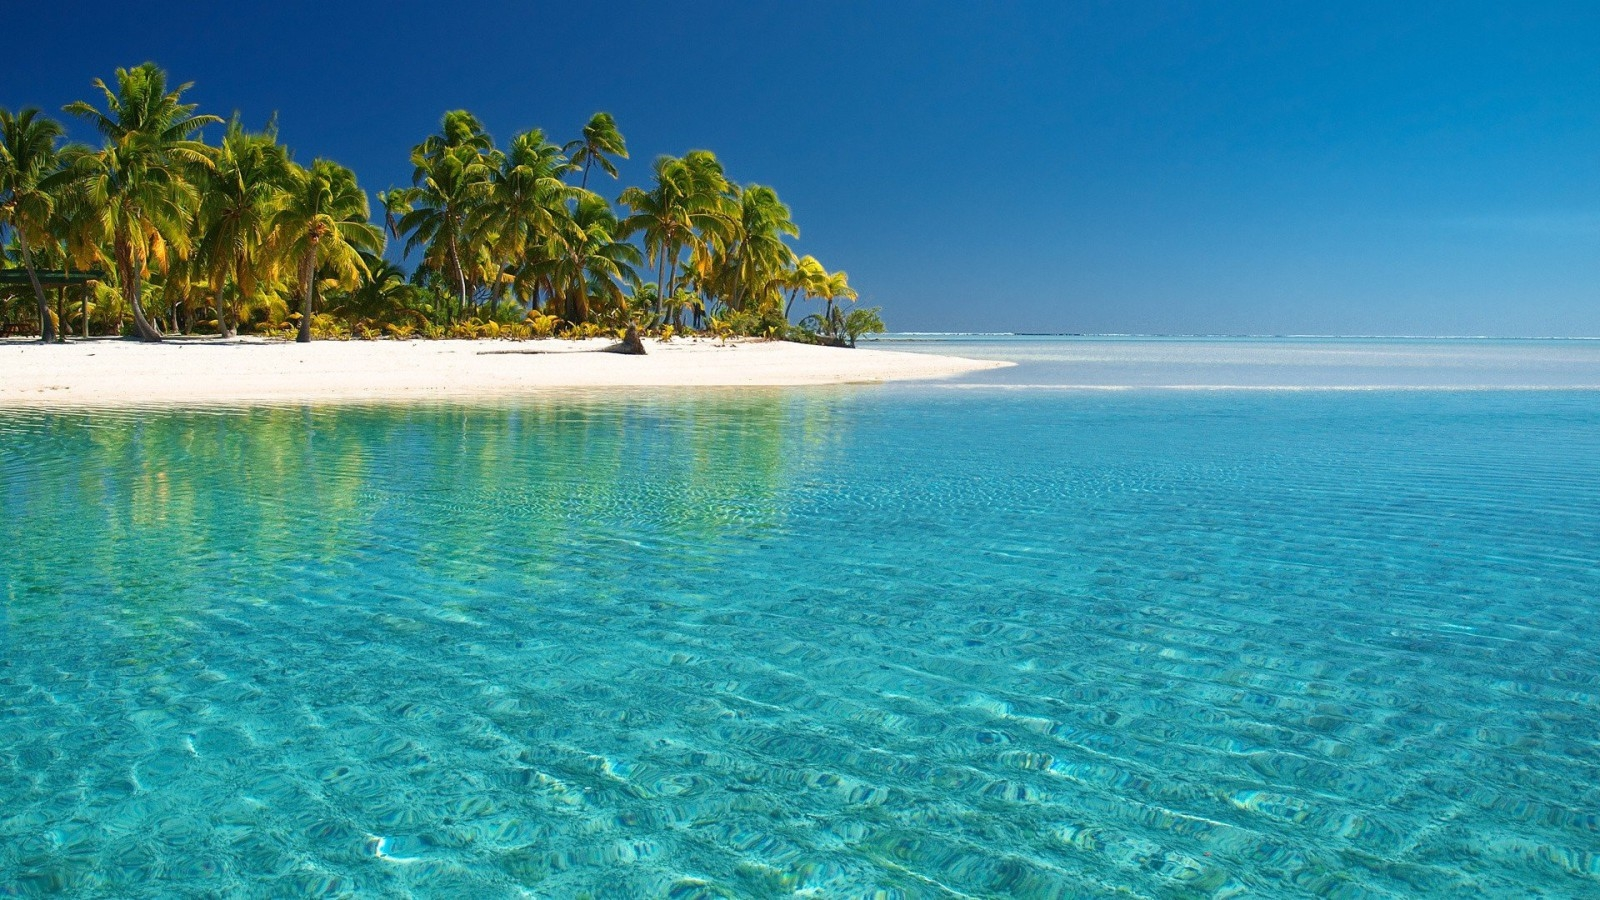 Красивые обои море на телефон   скачать бесплатно (24)